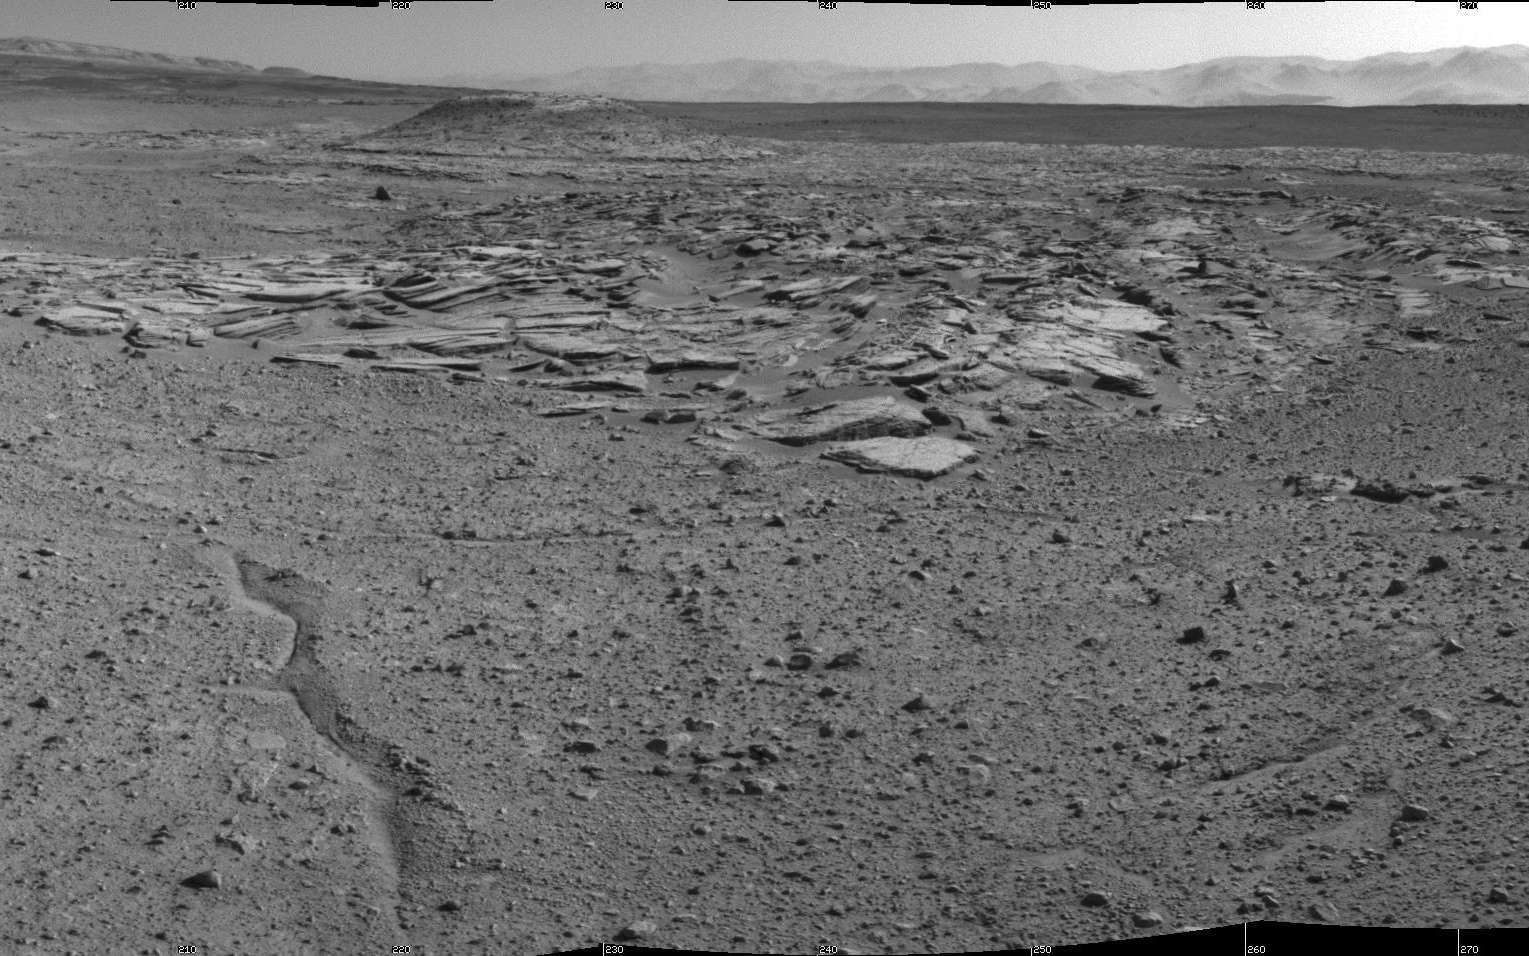 La caméra de navigation (NavCam) a pris cette mosaïque d'images le 3 avril, soit lors du 589e jour de présence de Curiosity dans le cratère Gale (sol 589). Le site qu'occupe le rover est nommé Kimberley (anciennement KMS-9), et est situé à l'intersection de quatre types de terrains. On distingue au centre de l'image des affleurements avec des roches striées. Sur l'horizon à gauche, on devine les pentes du mont Sharp. À droite s'étendent les collines qui bordent le grand cratère de 155 km de diamètre. © Nasa, JPL-Caltech